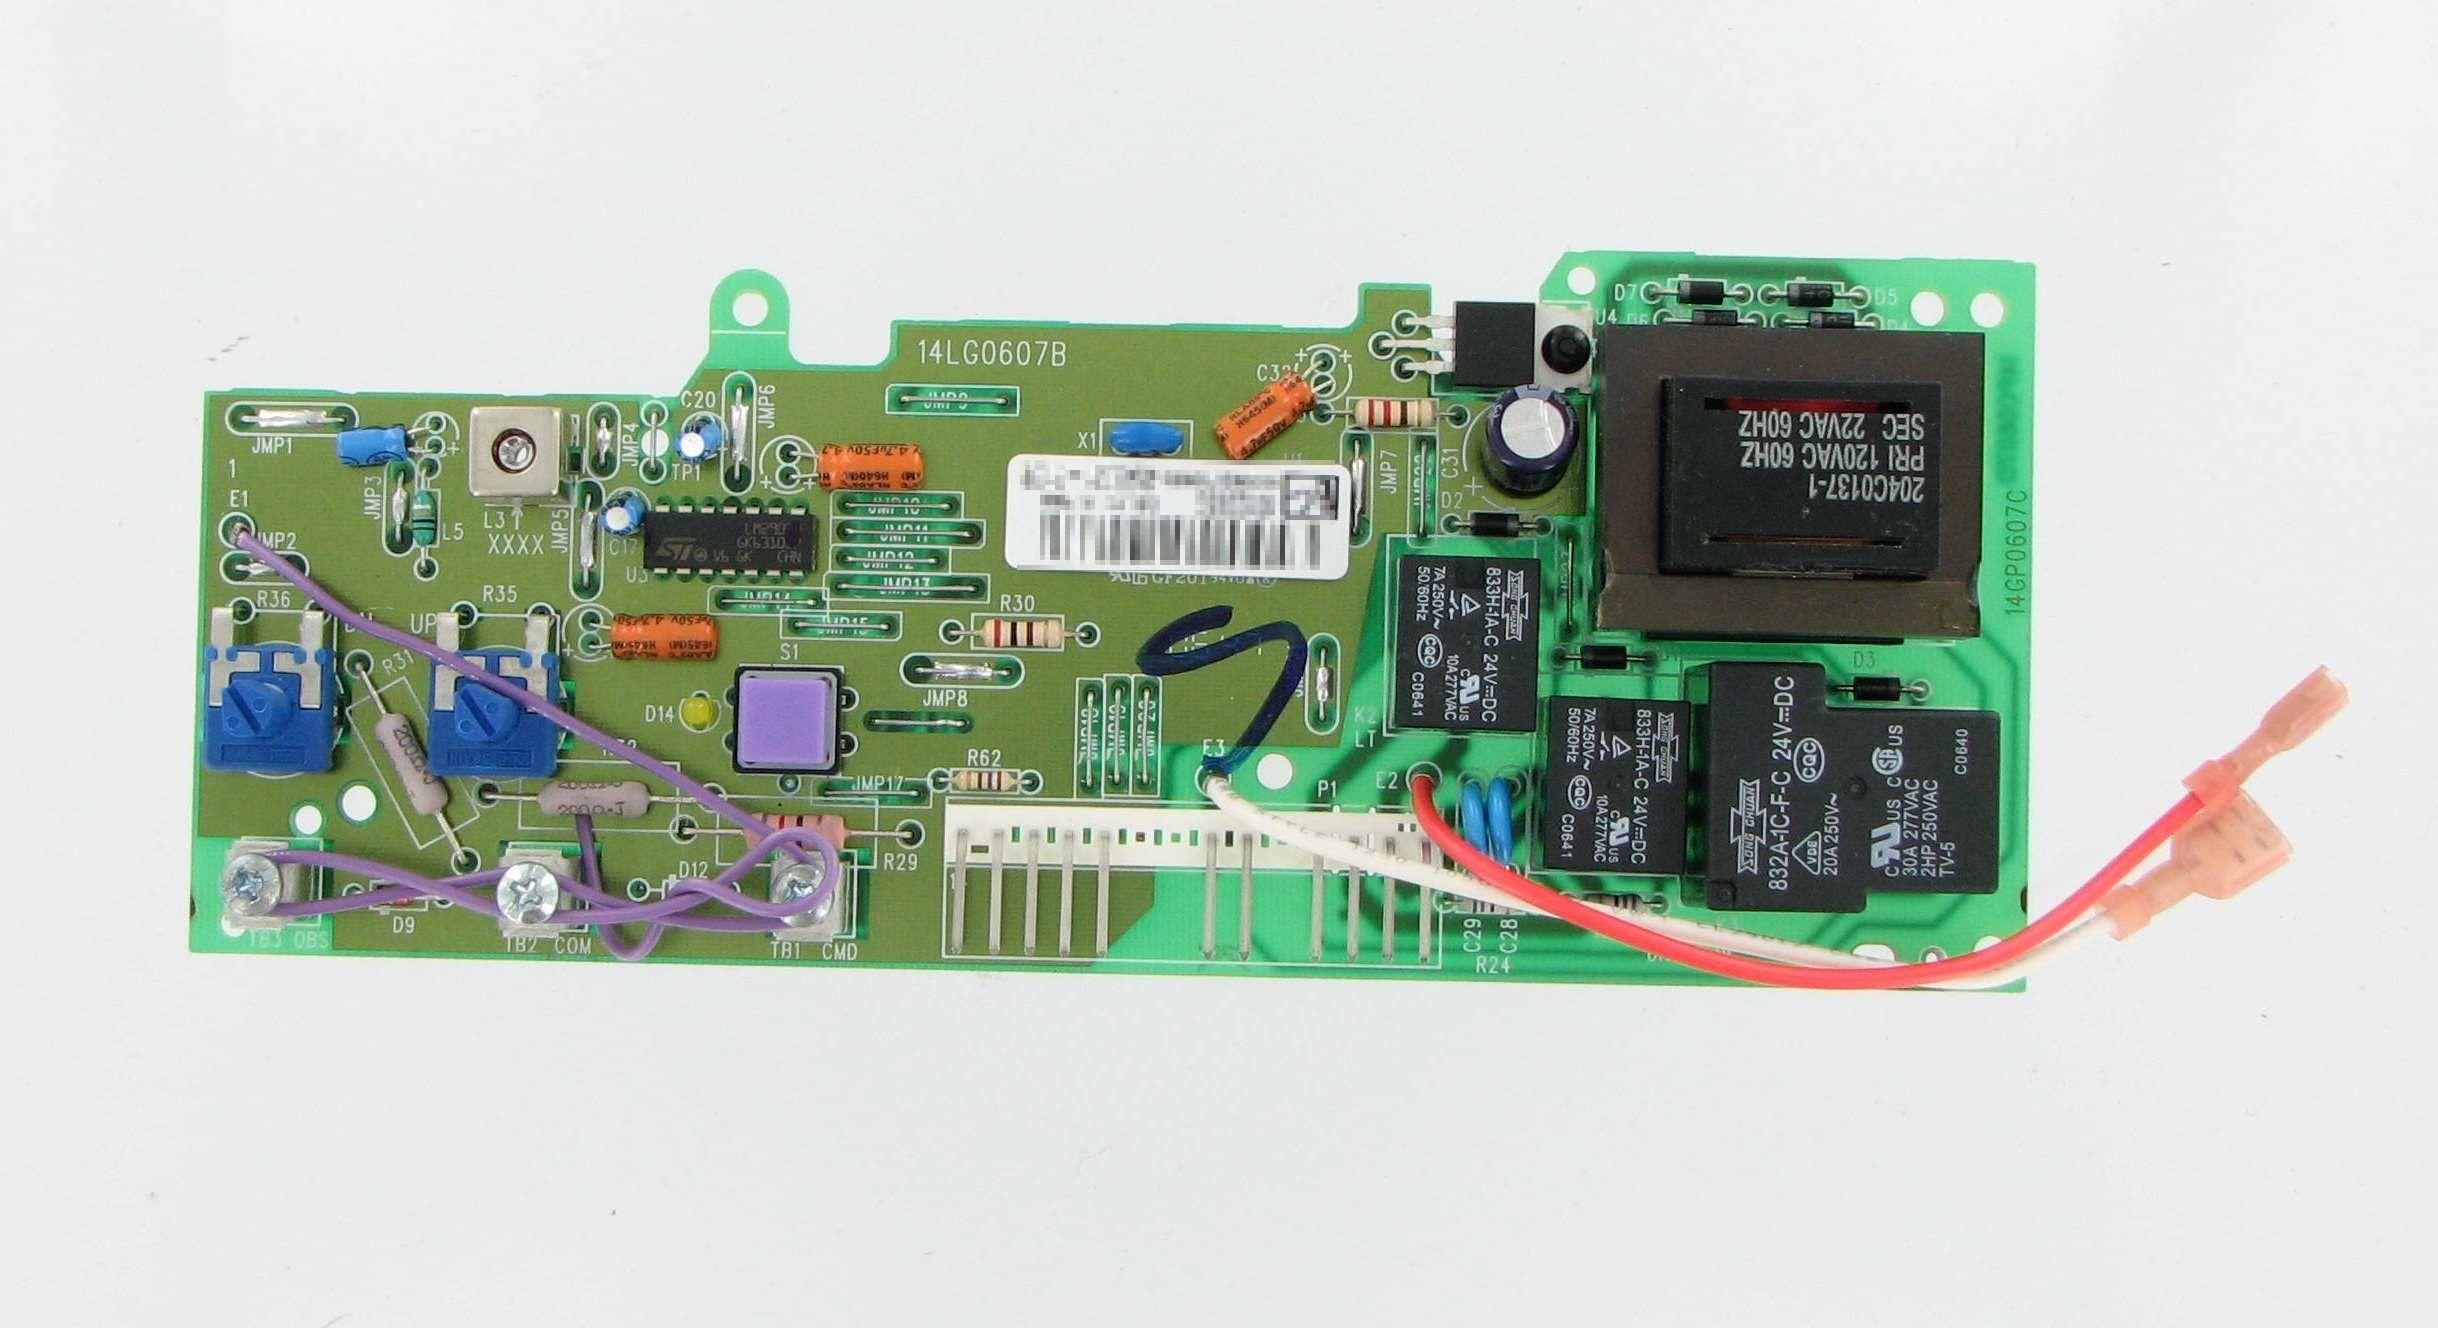 Craftsman 41a5021315r Garage Electronic Control Board